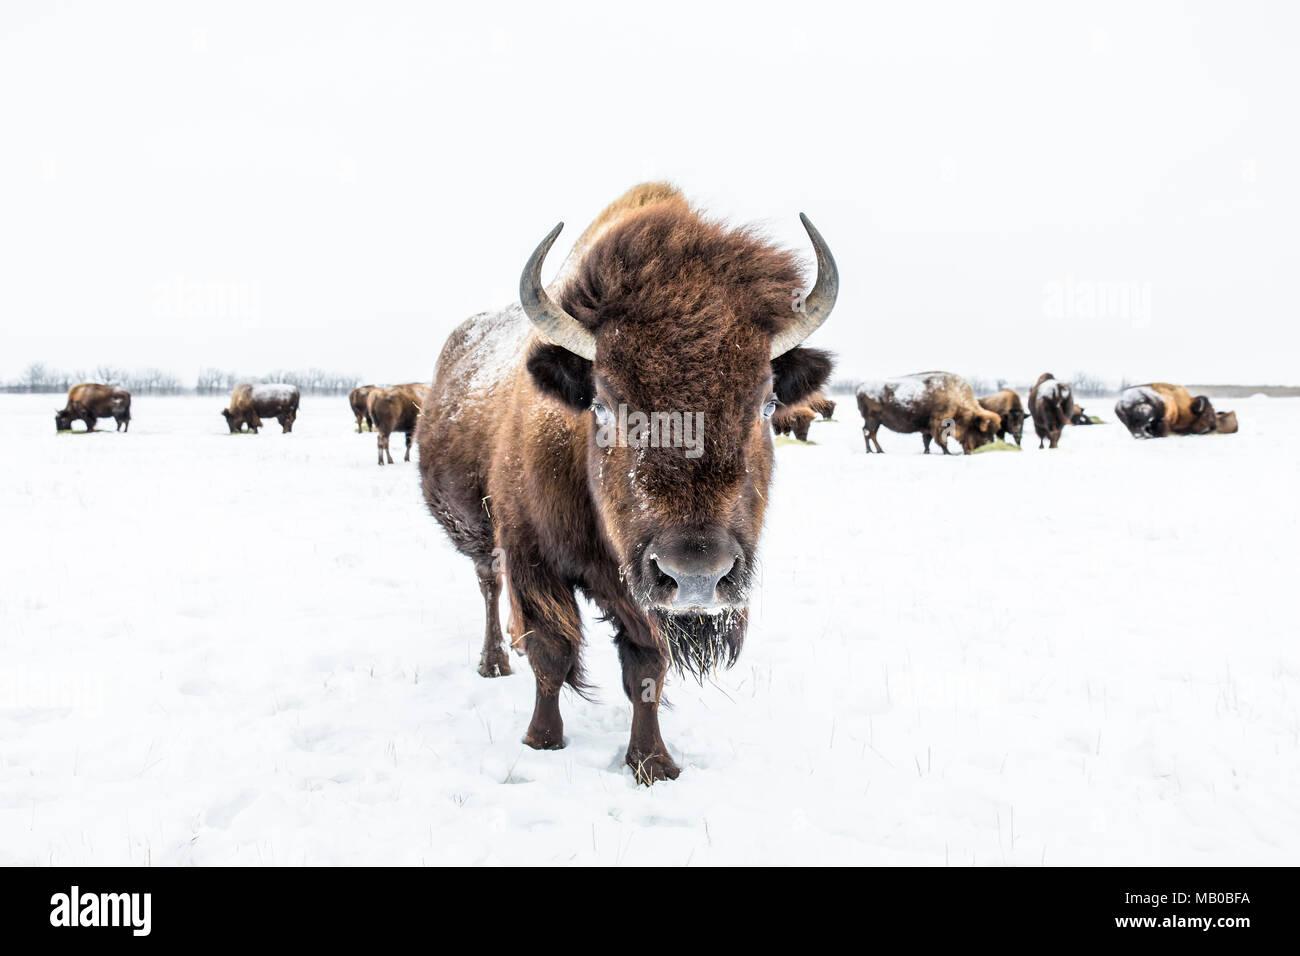 Mandria di pianura, Bison (Bison bison bison) o bufalo americano, in inverno, Manitoba, Canada. Immagini Stock